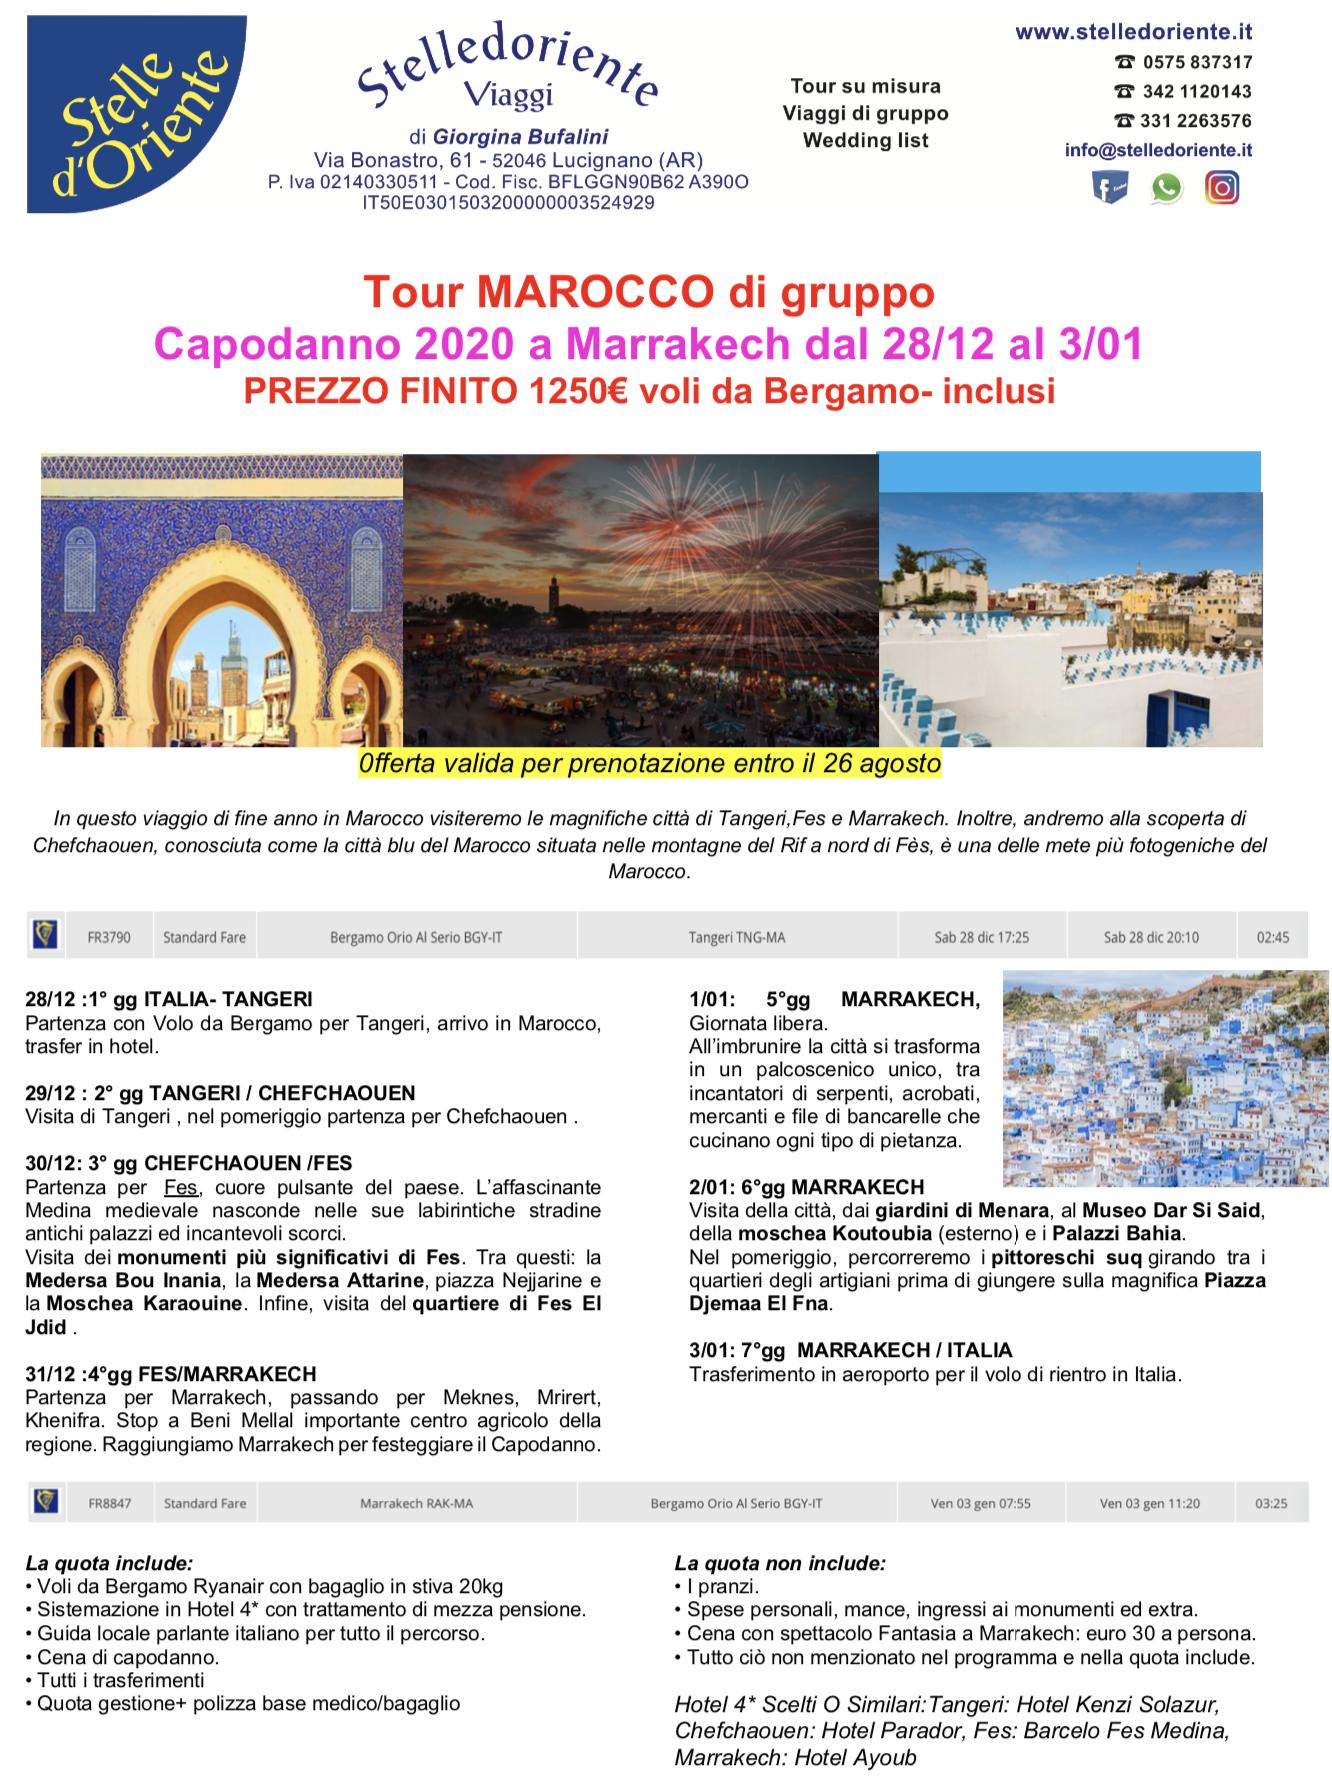 locandina capodanno maroccopng